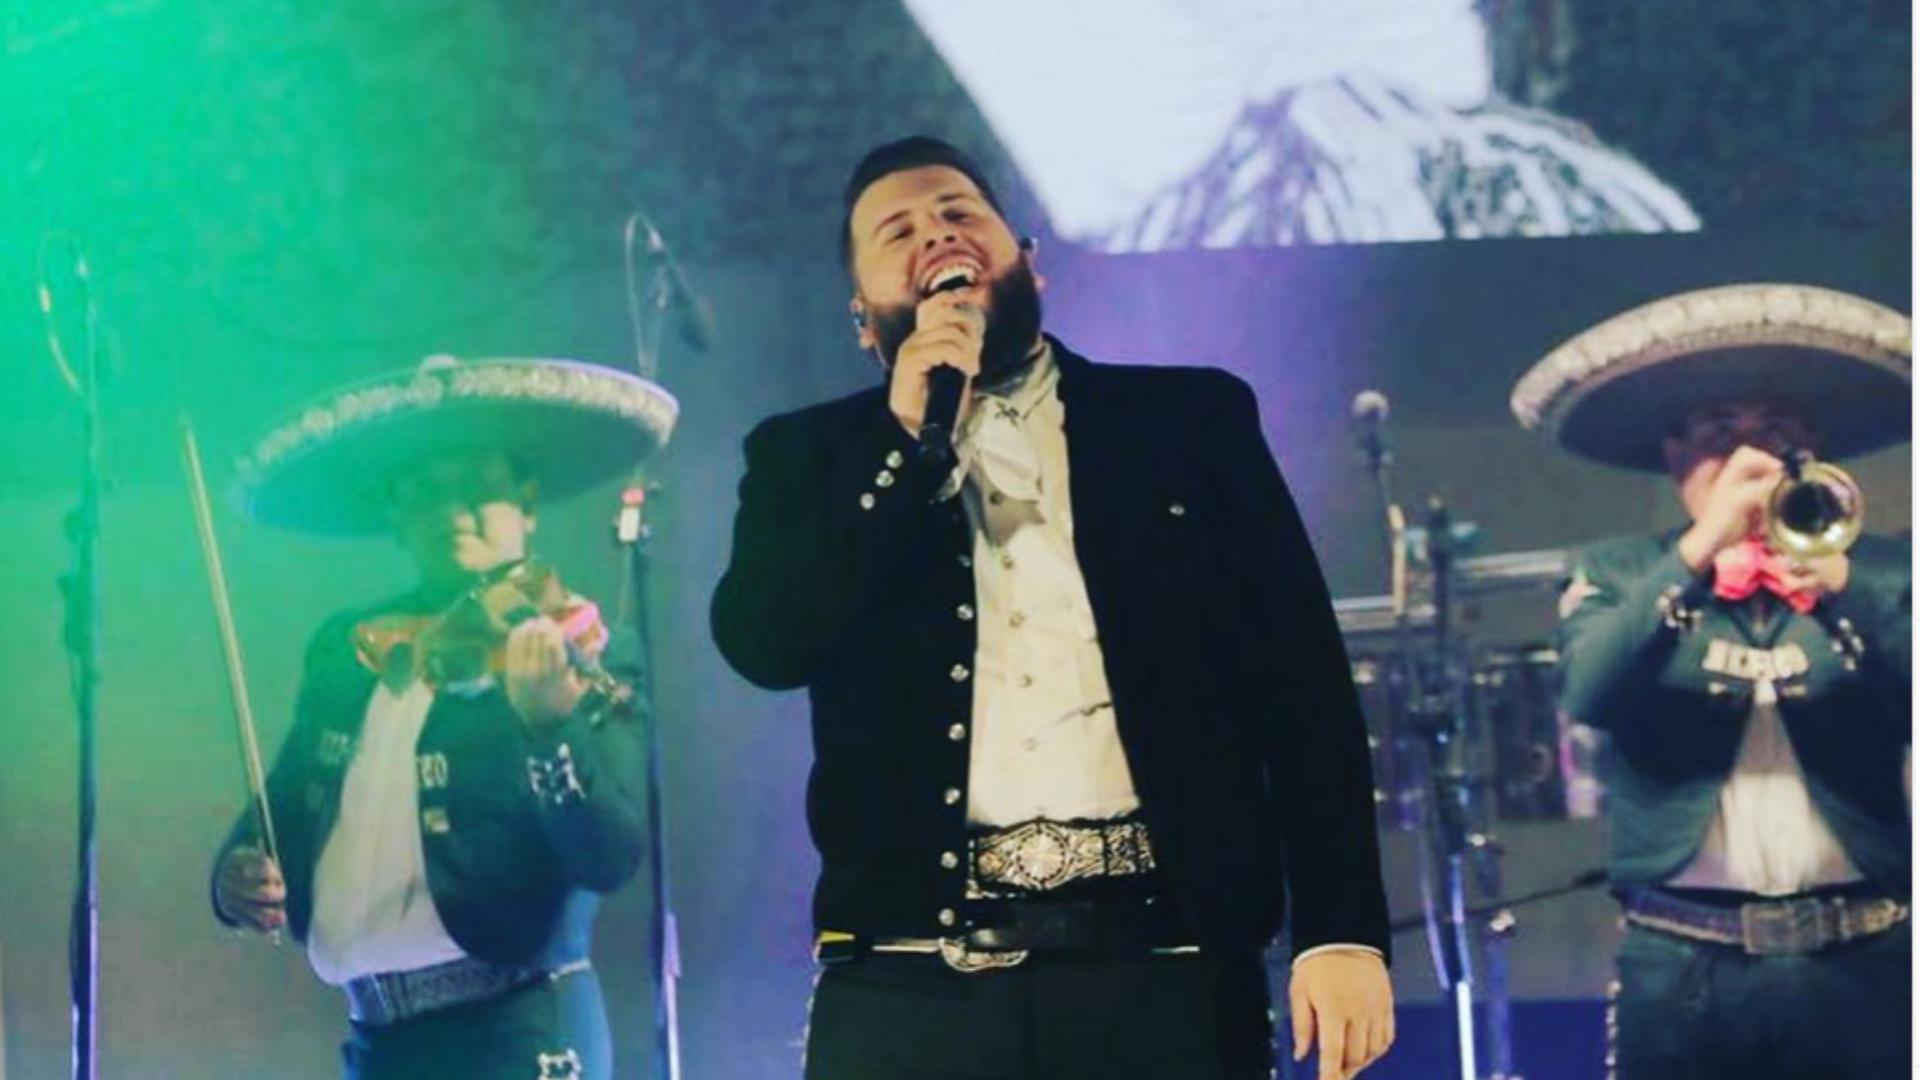 El Fantasma cumple su sueño de cantar en homenaje a Jose Alfredo Jiménez